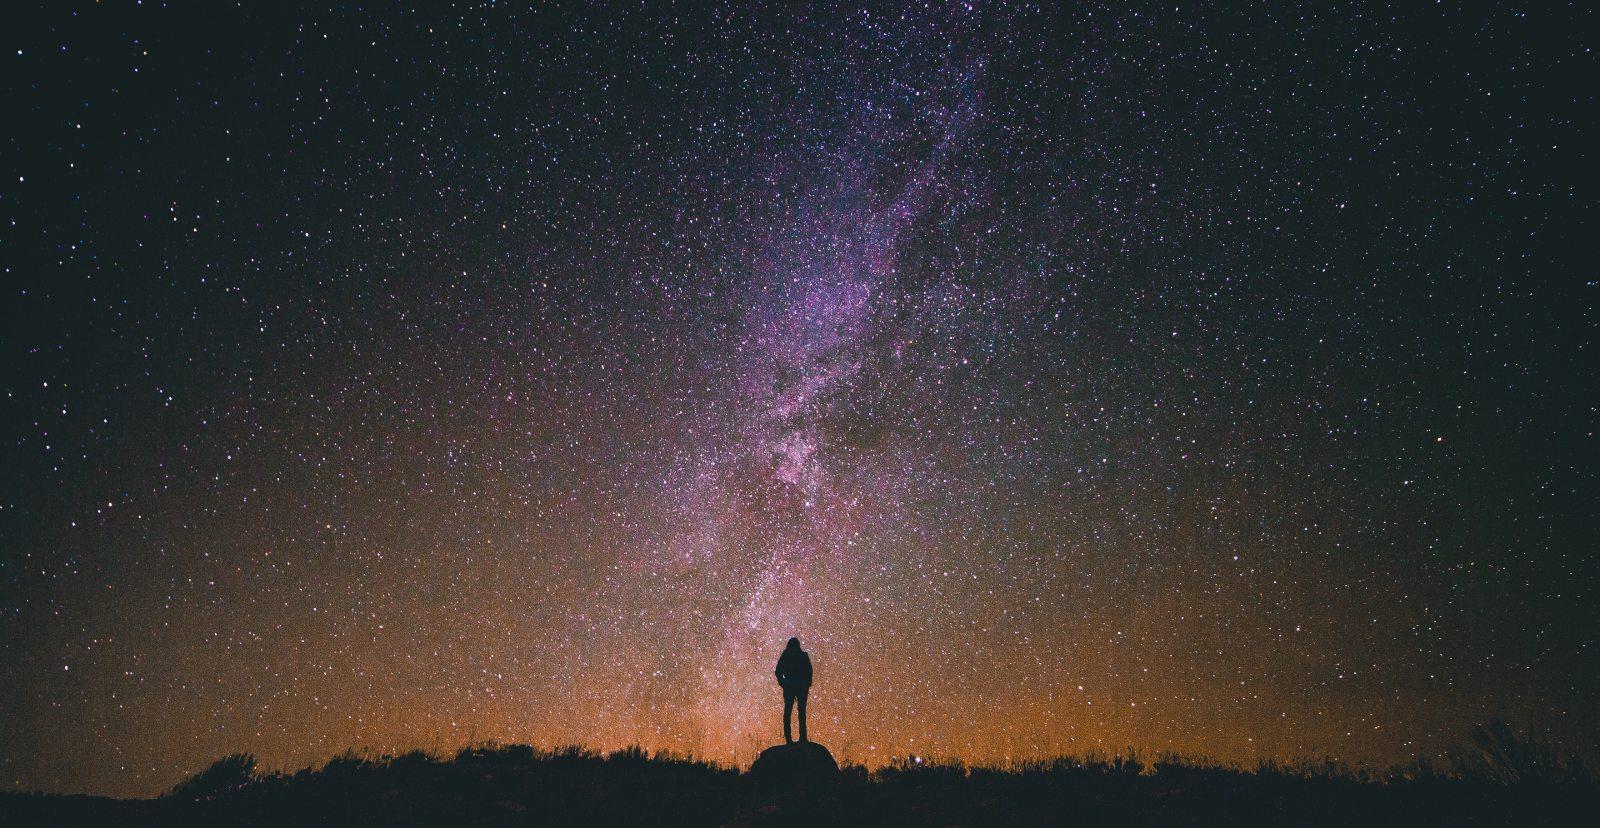 Primeros Pasos en Fotografía Nocturna: Qué Debes Saber